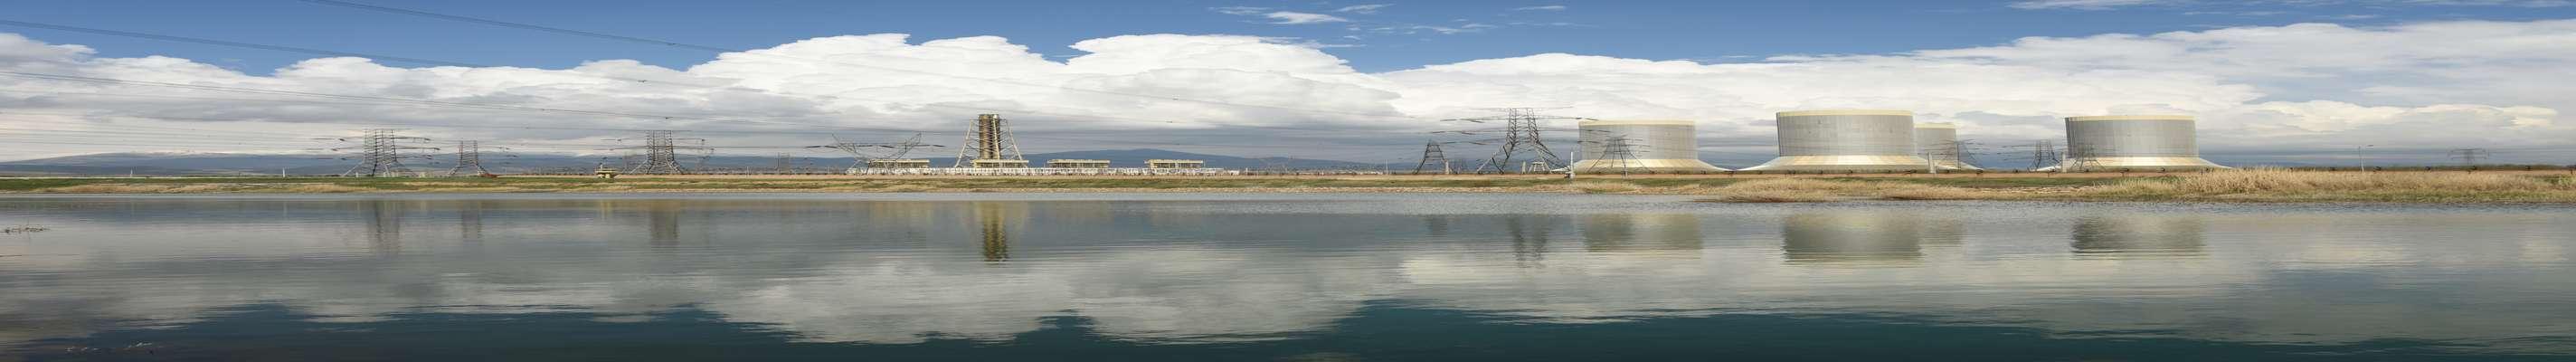 مدیرعامل شرکت مدیریت تولید برق شهید رجایی قزوین؛ نیروگاه شهید رجایی با تمام توان آماده تولید برق درسال جهش تولید است